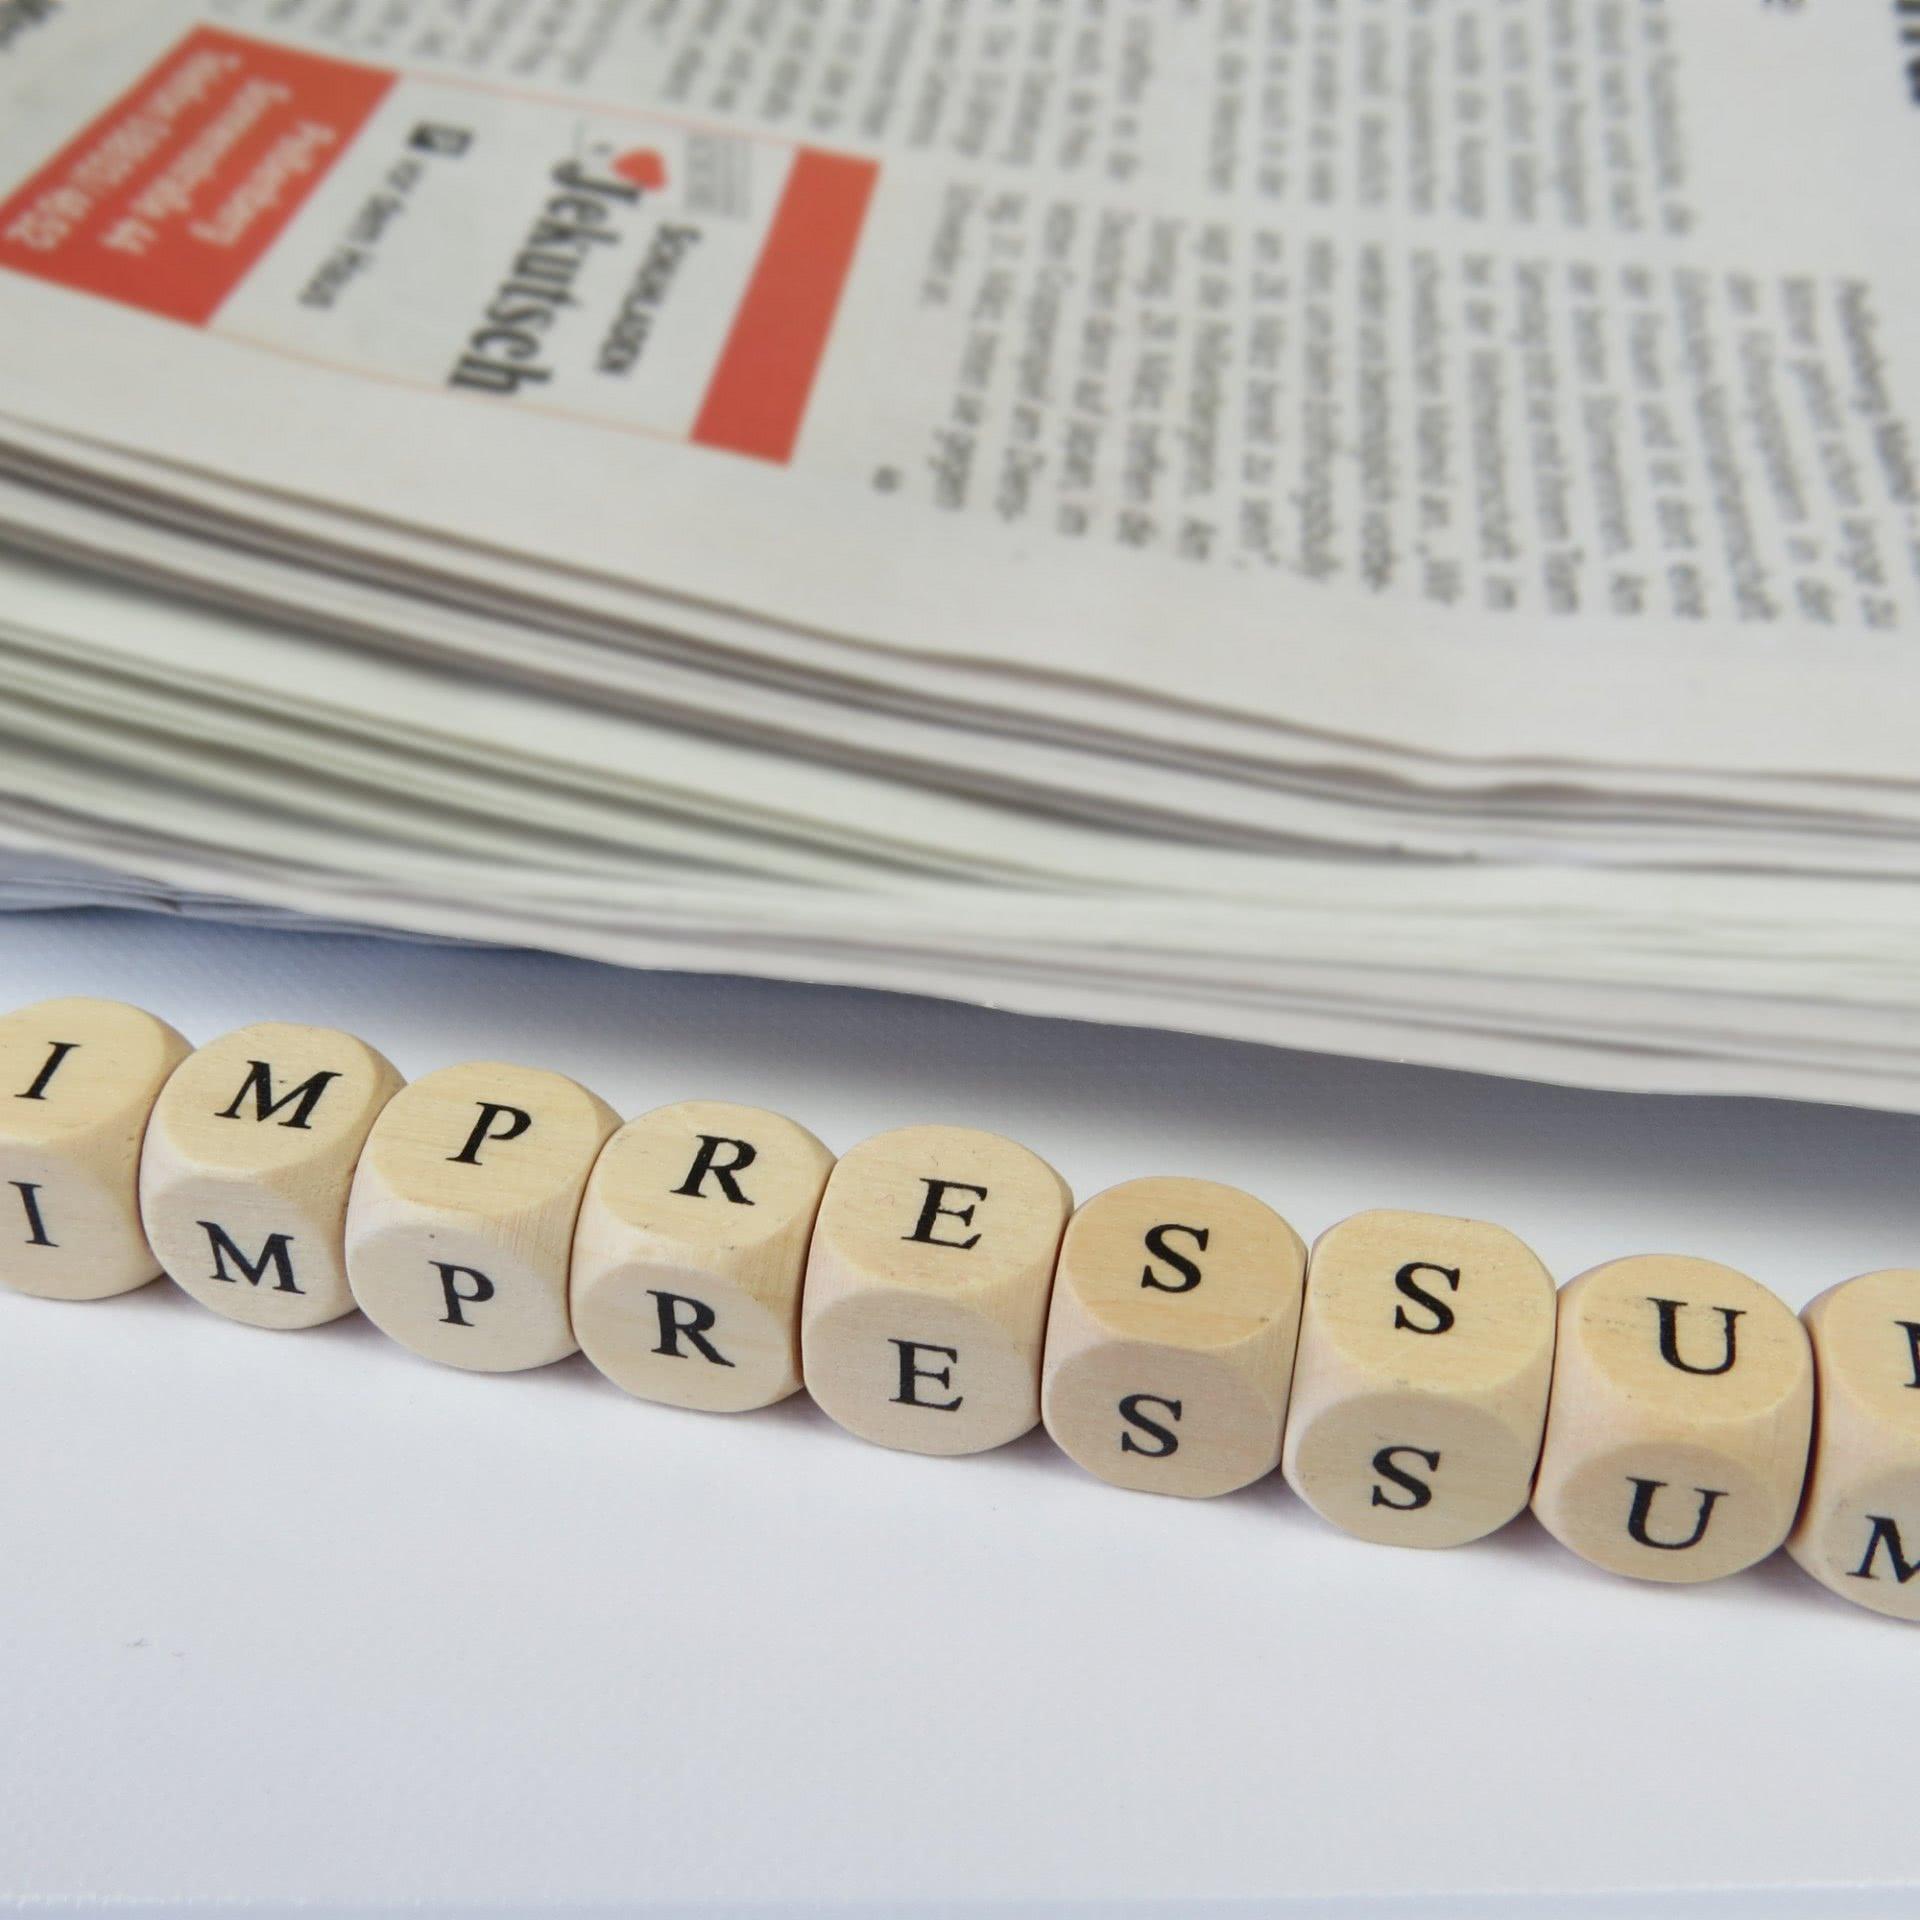 Foto: Buchstaben-Würfel, welche das Wort «IMPRESSUM» bilden